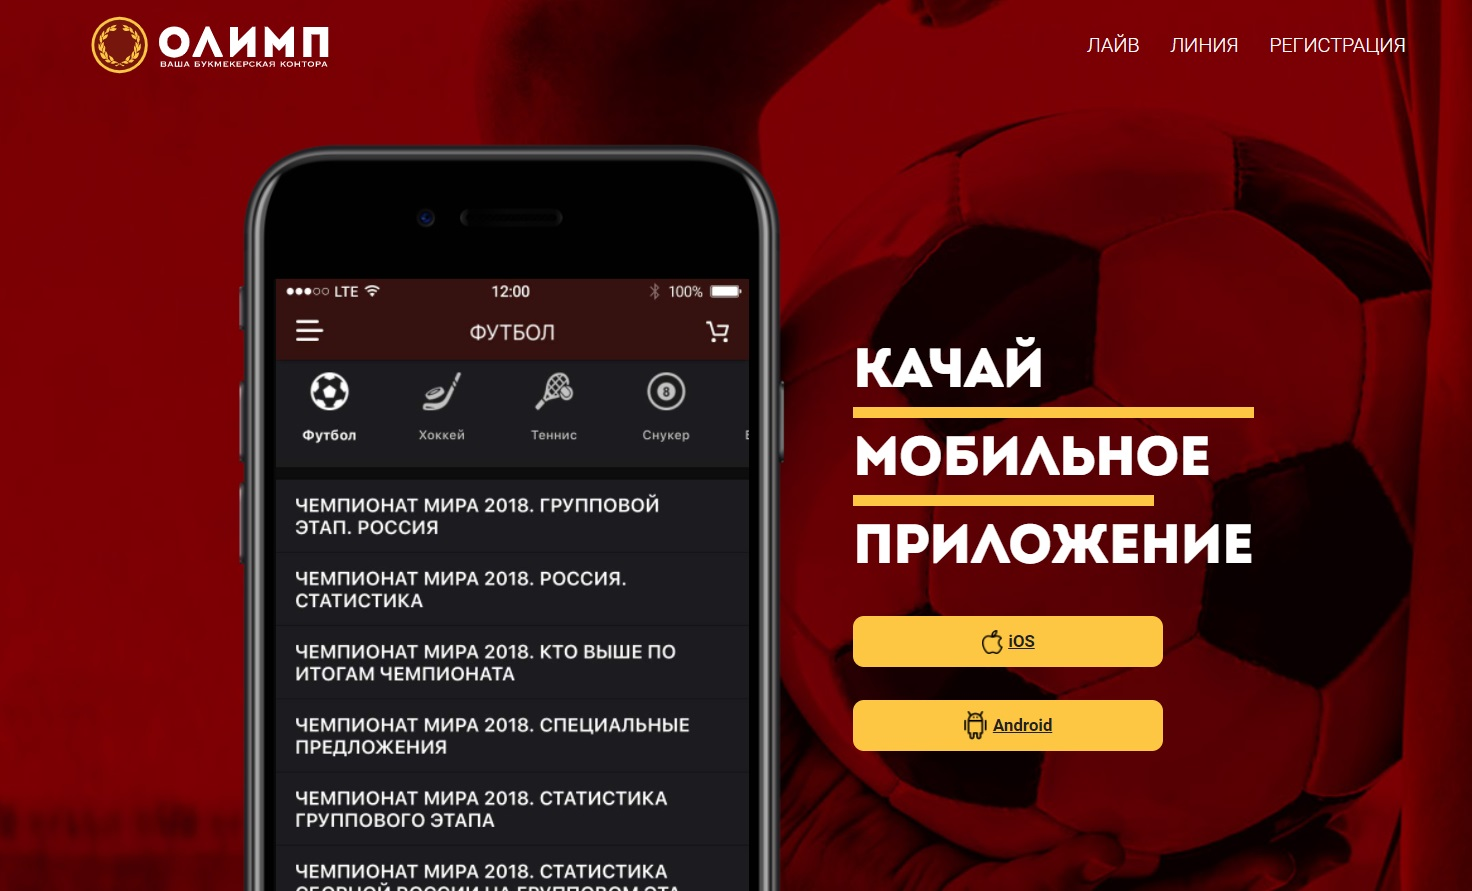 Скачать приложение букмекерской конторы Олимп на телефон